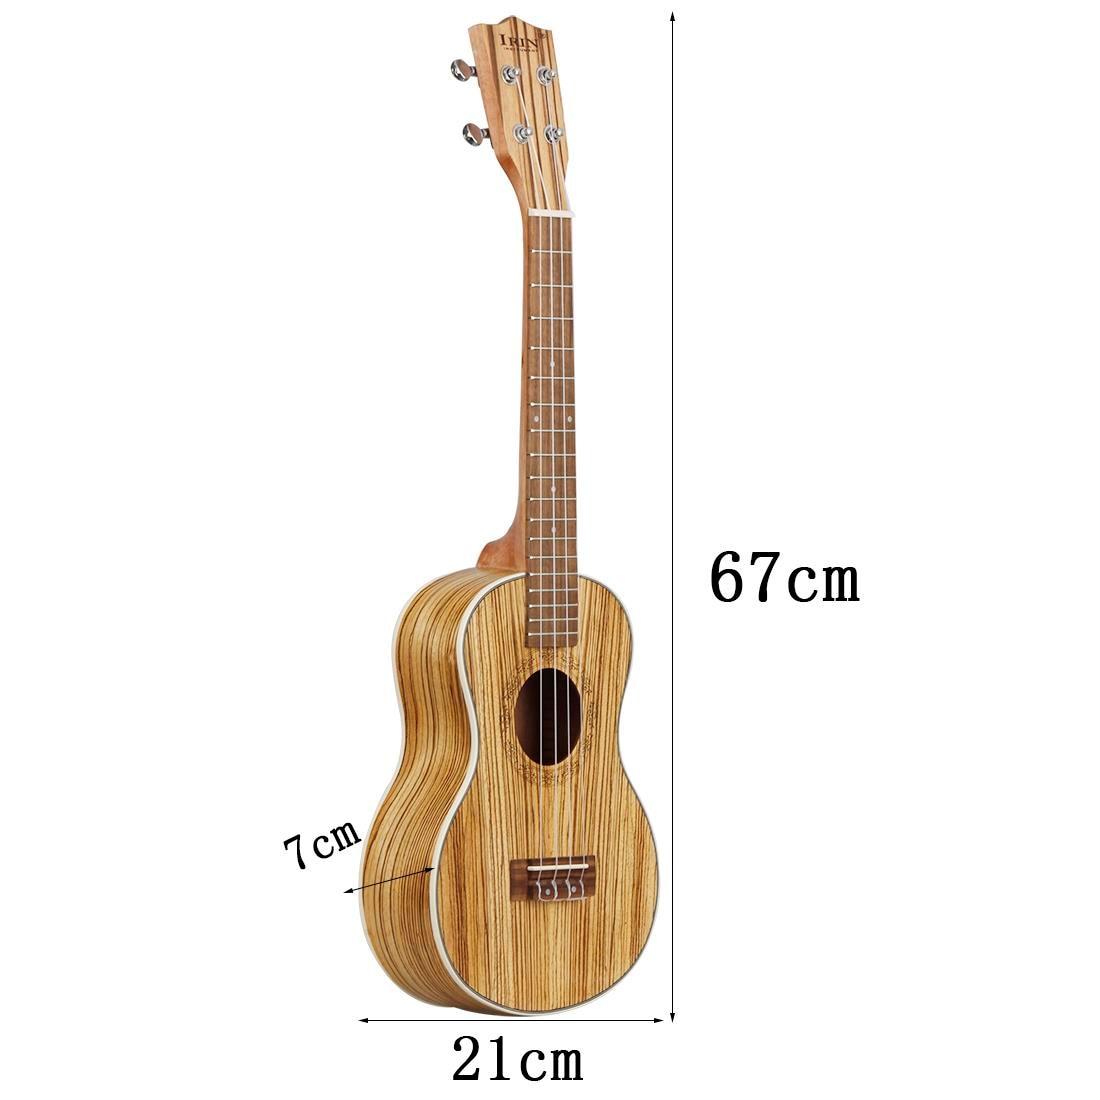 Nouveau IRIN Concert ukulélé 26 pouces 4 cordes hawaïenne Mini guitare acoustique Ukelele guitare envoyer des cadeaux musicaux à cordes Ins - 4